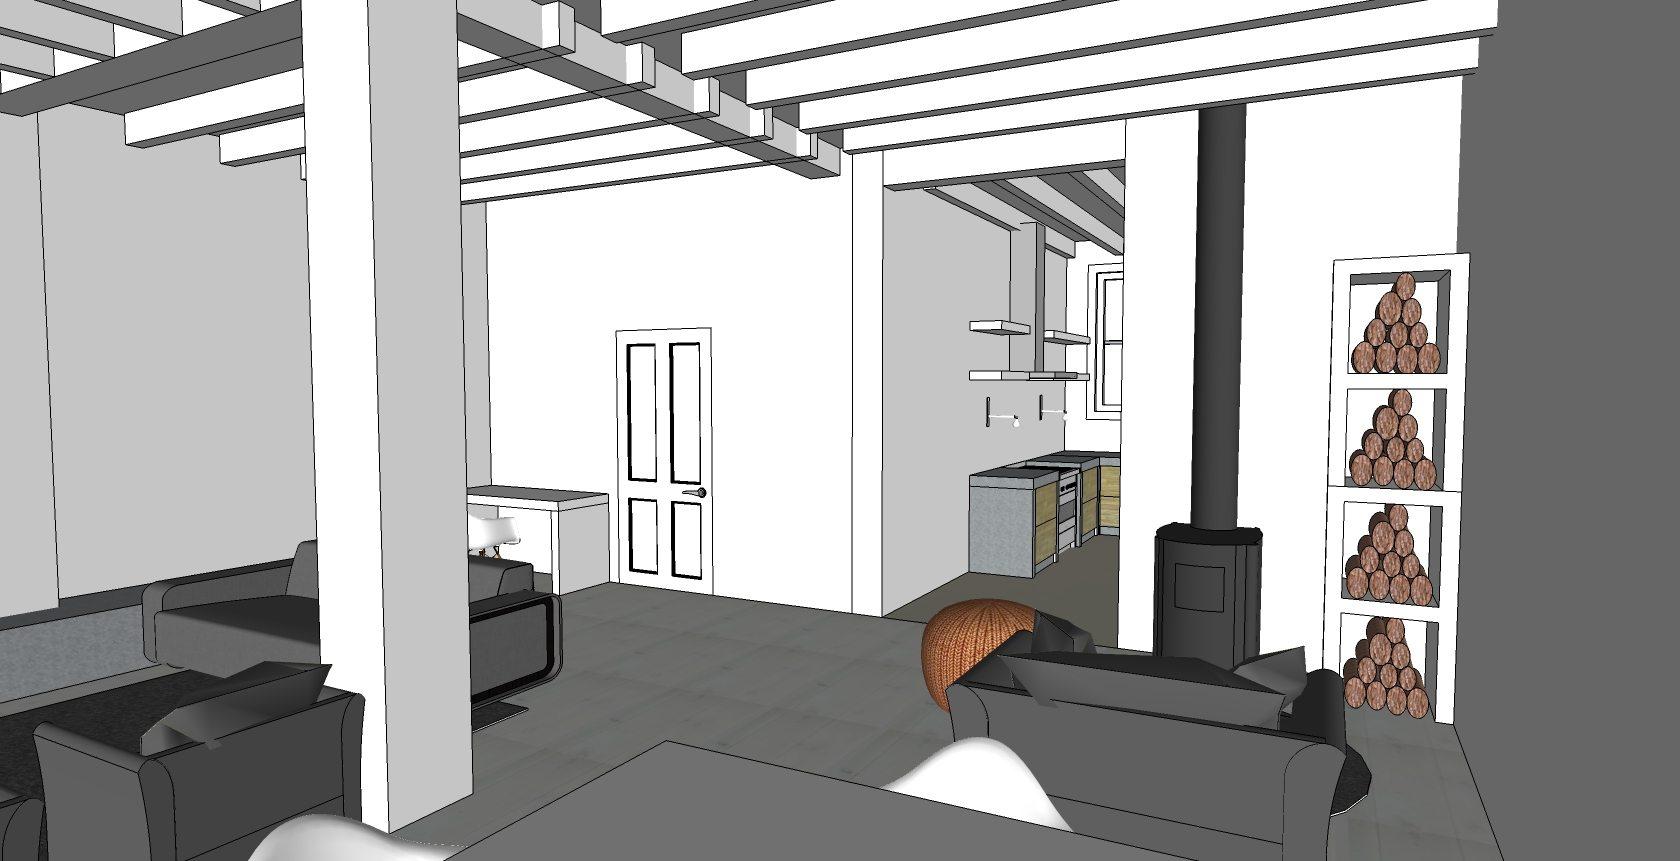 Offiz&Hoomz-interieradvies-Zeist-Woonkamer-keuken-badkamer-scene27-def:2